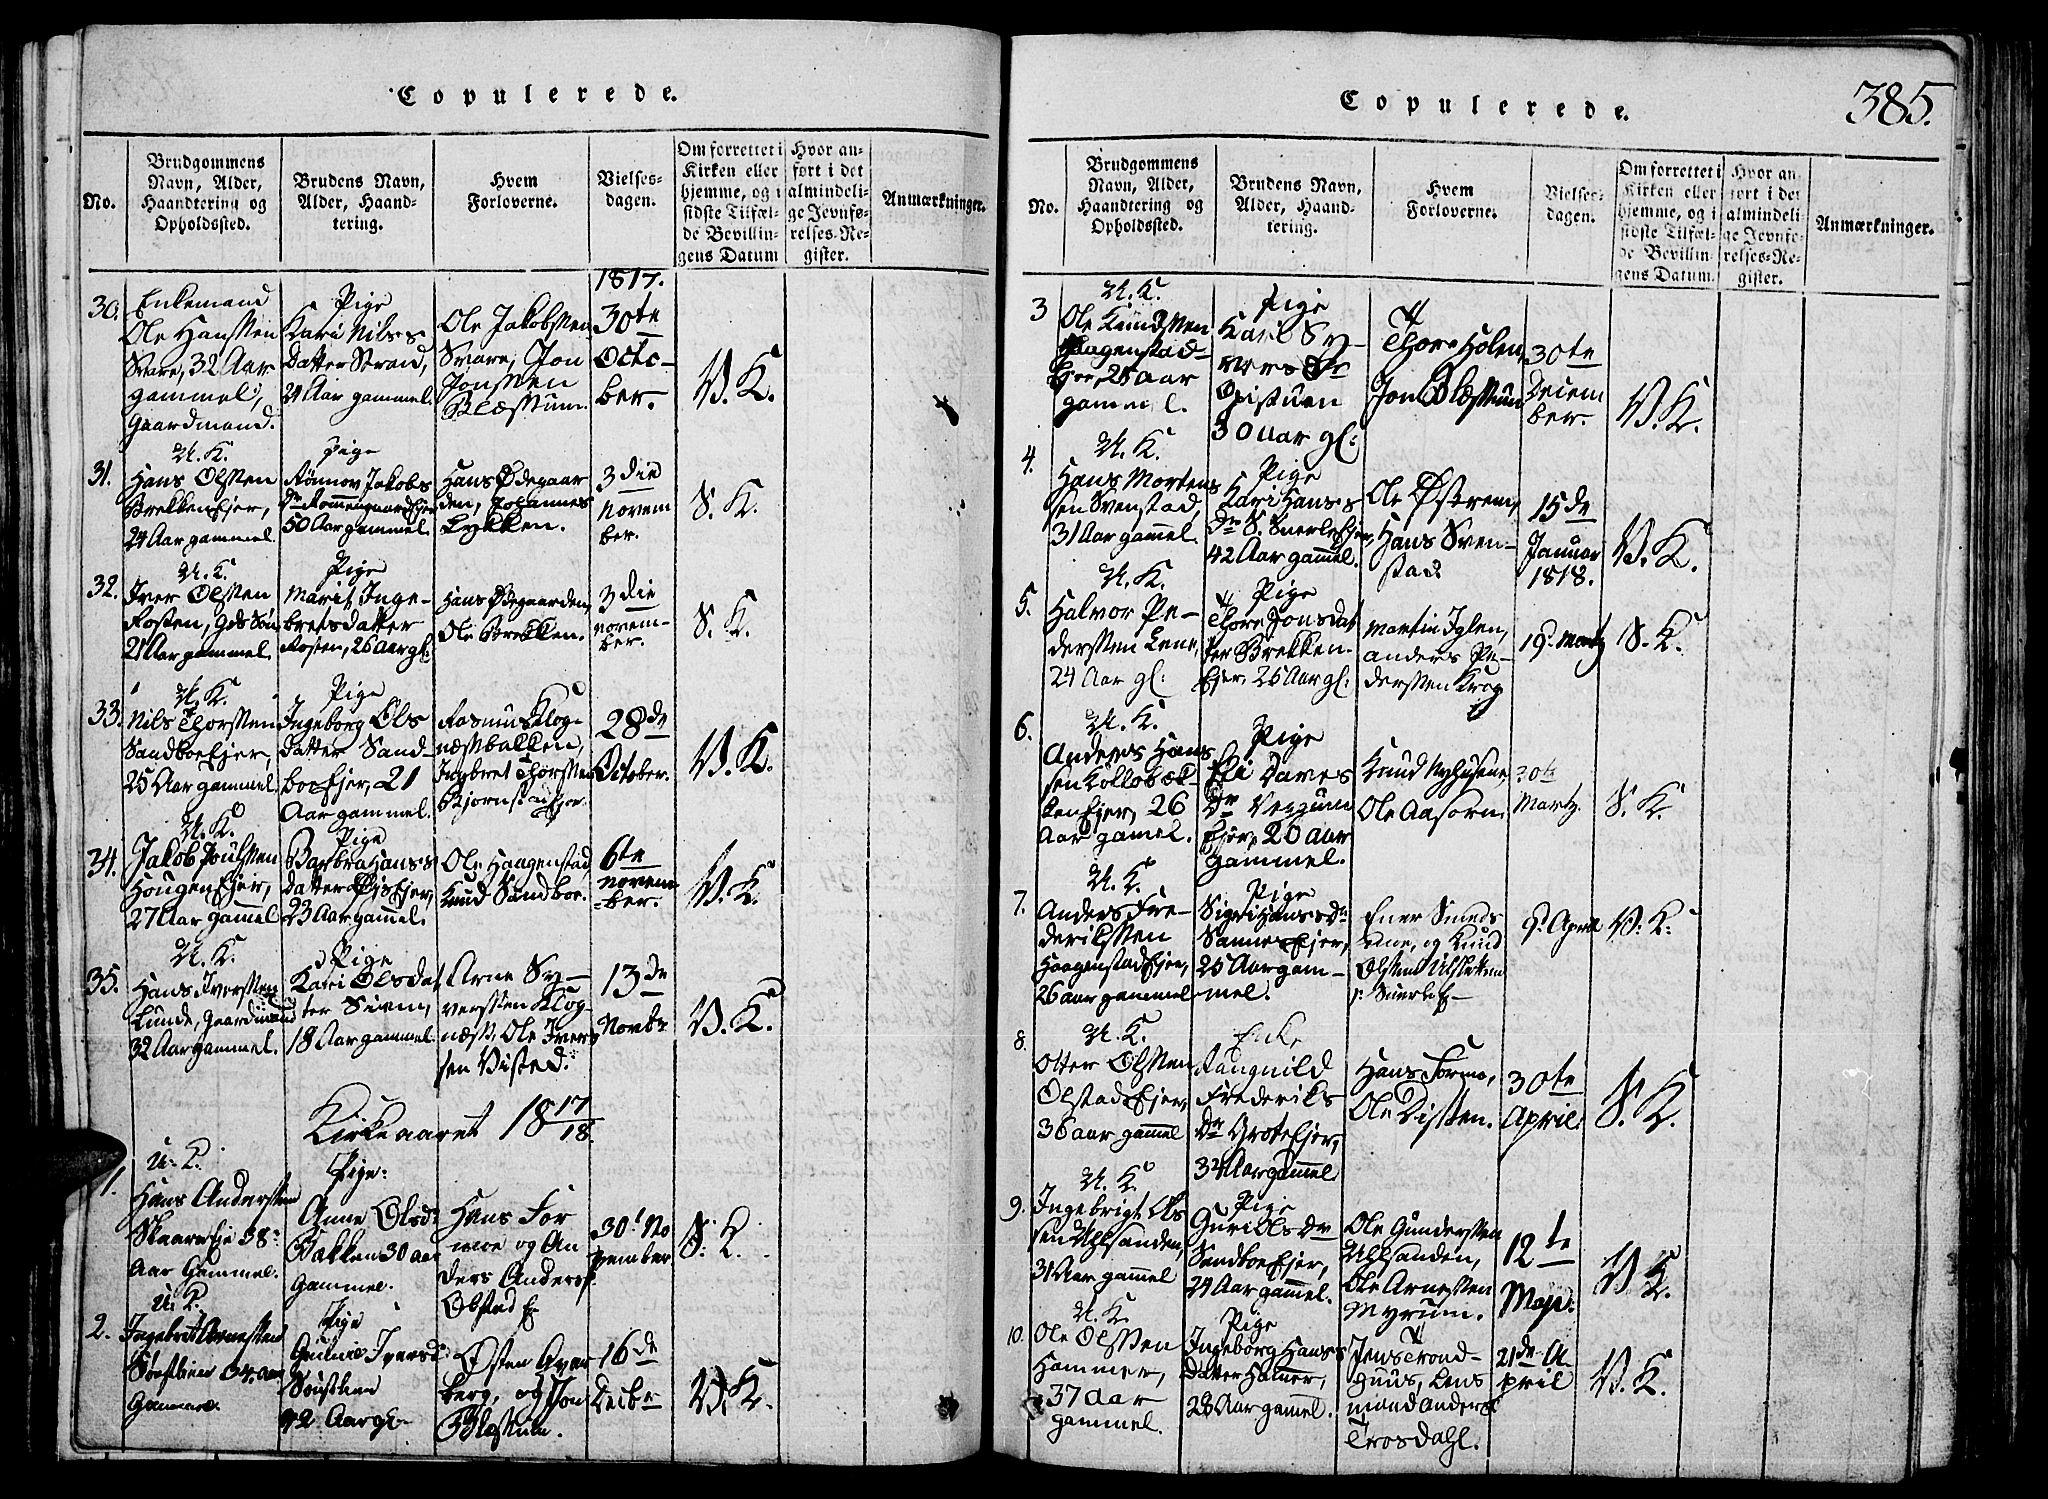 SAH, Vågå prestekontor, Klokkerbok nr. 1, 1815-1827, s. 384-385